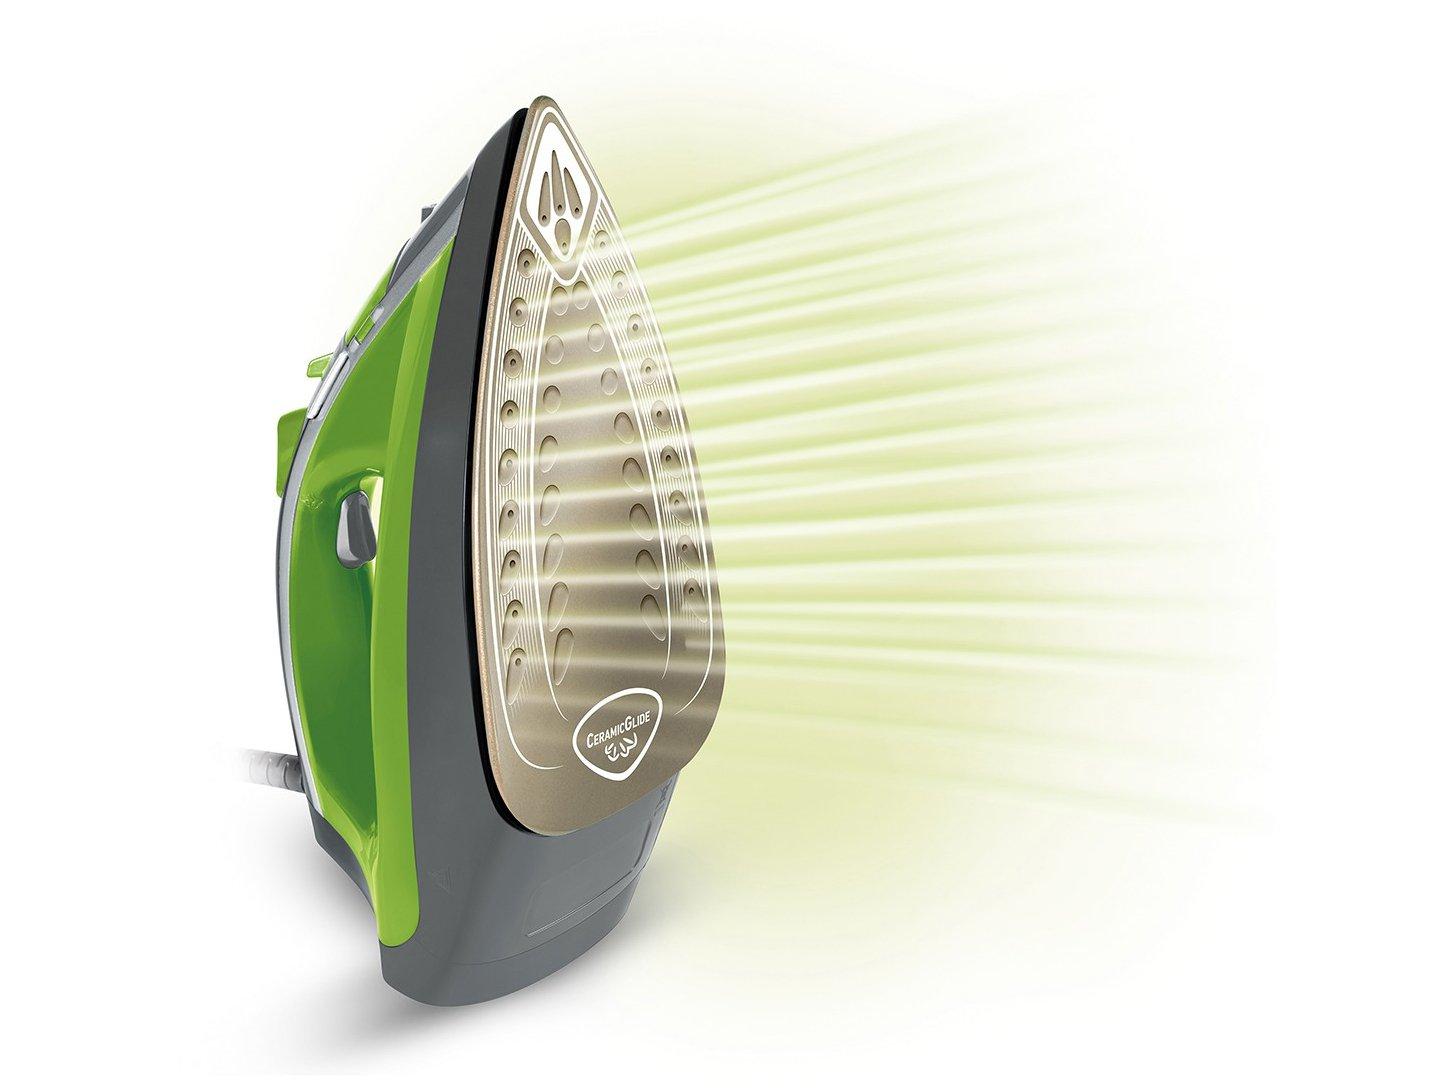 Ferro de Passar a Vapor Arno Ecogliss FEC1 com Spray - Verde - 110V - 16